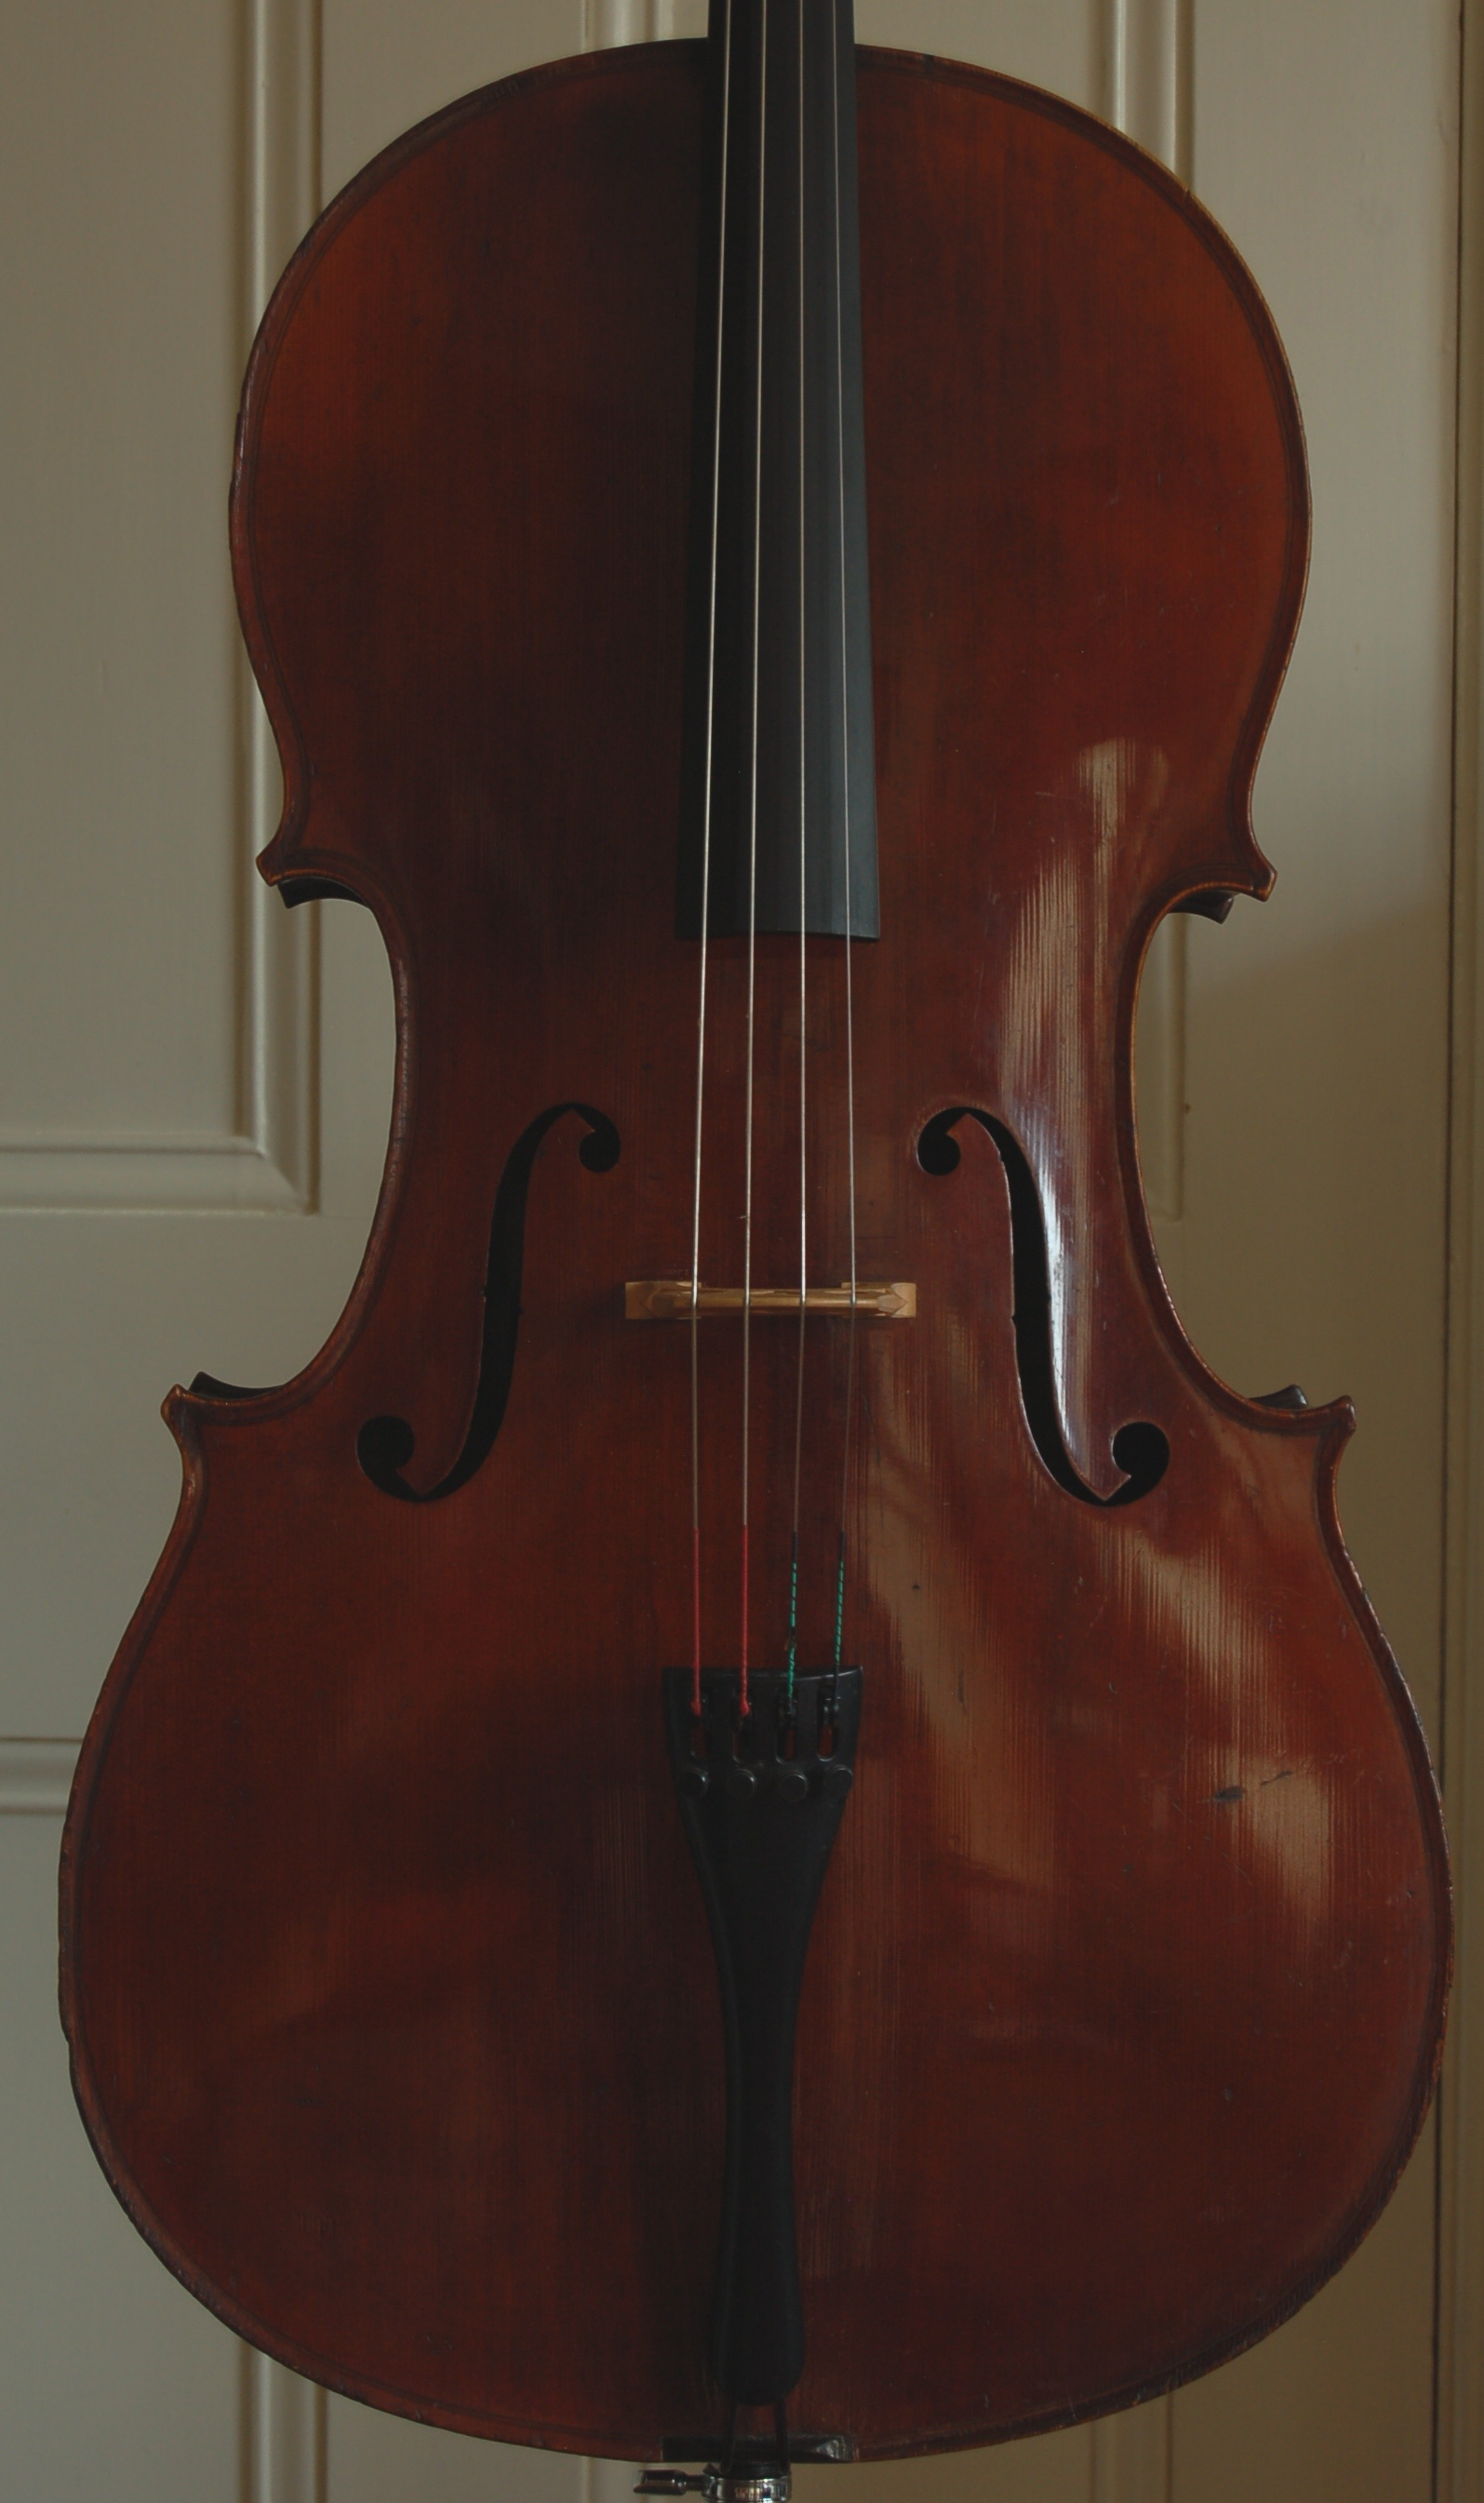 Geronimo Barnabetti cello